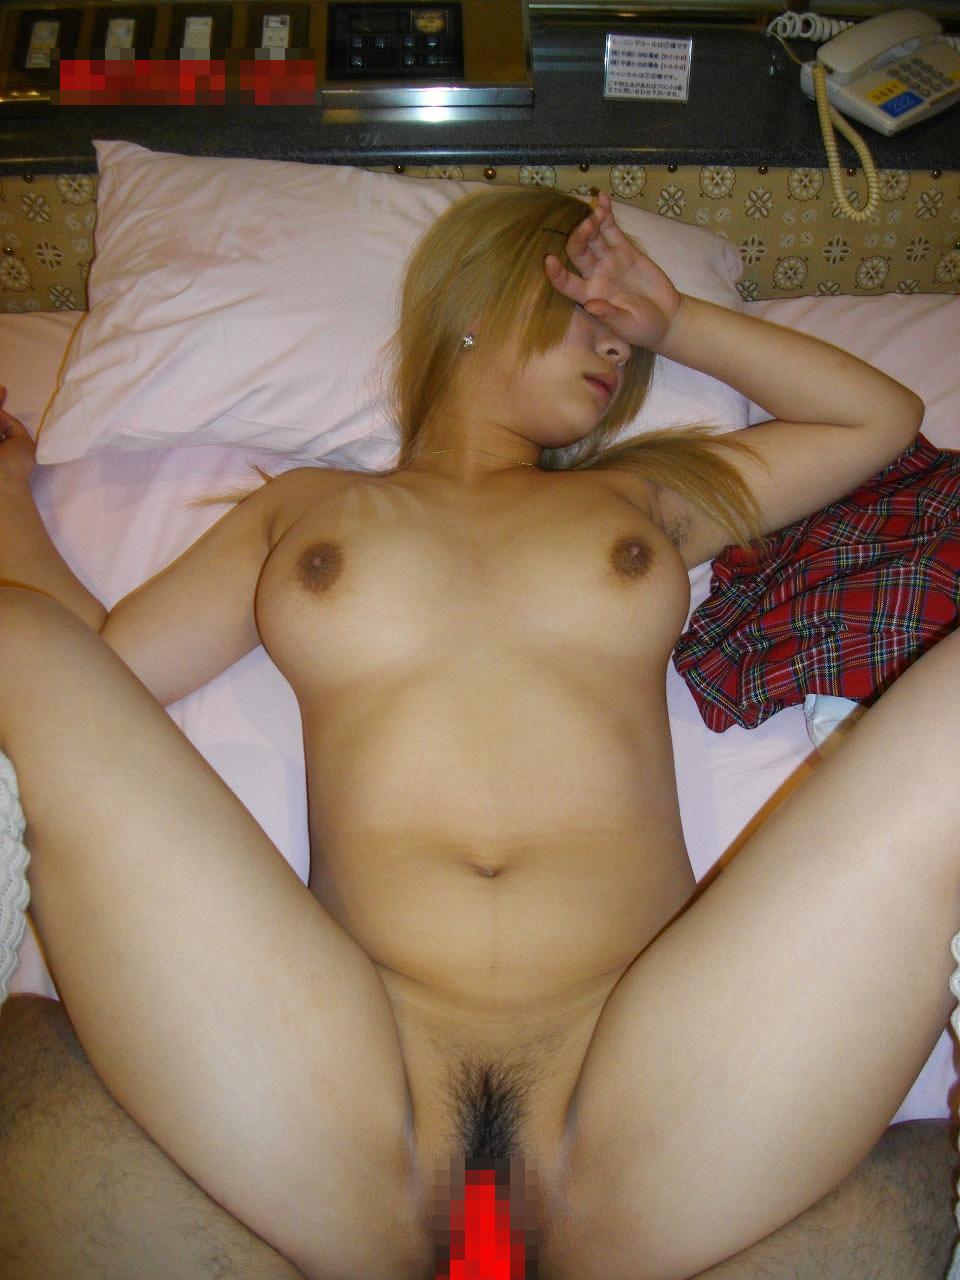 【素人ギャル】白ギャルの女友達がみんなヤリマン過ぎてセックスに困らんwwww 0337